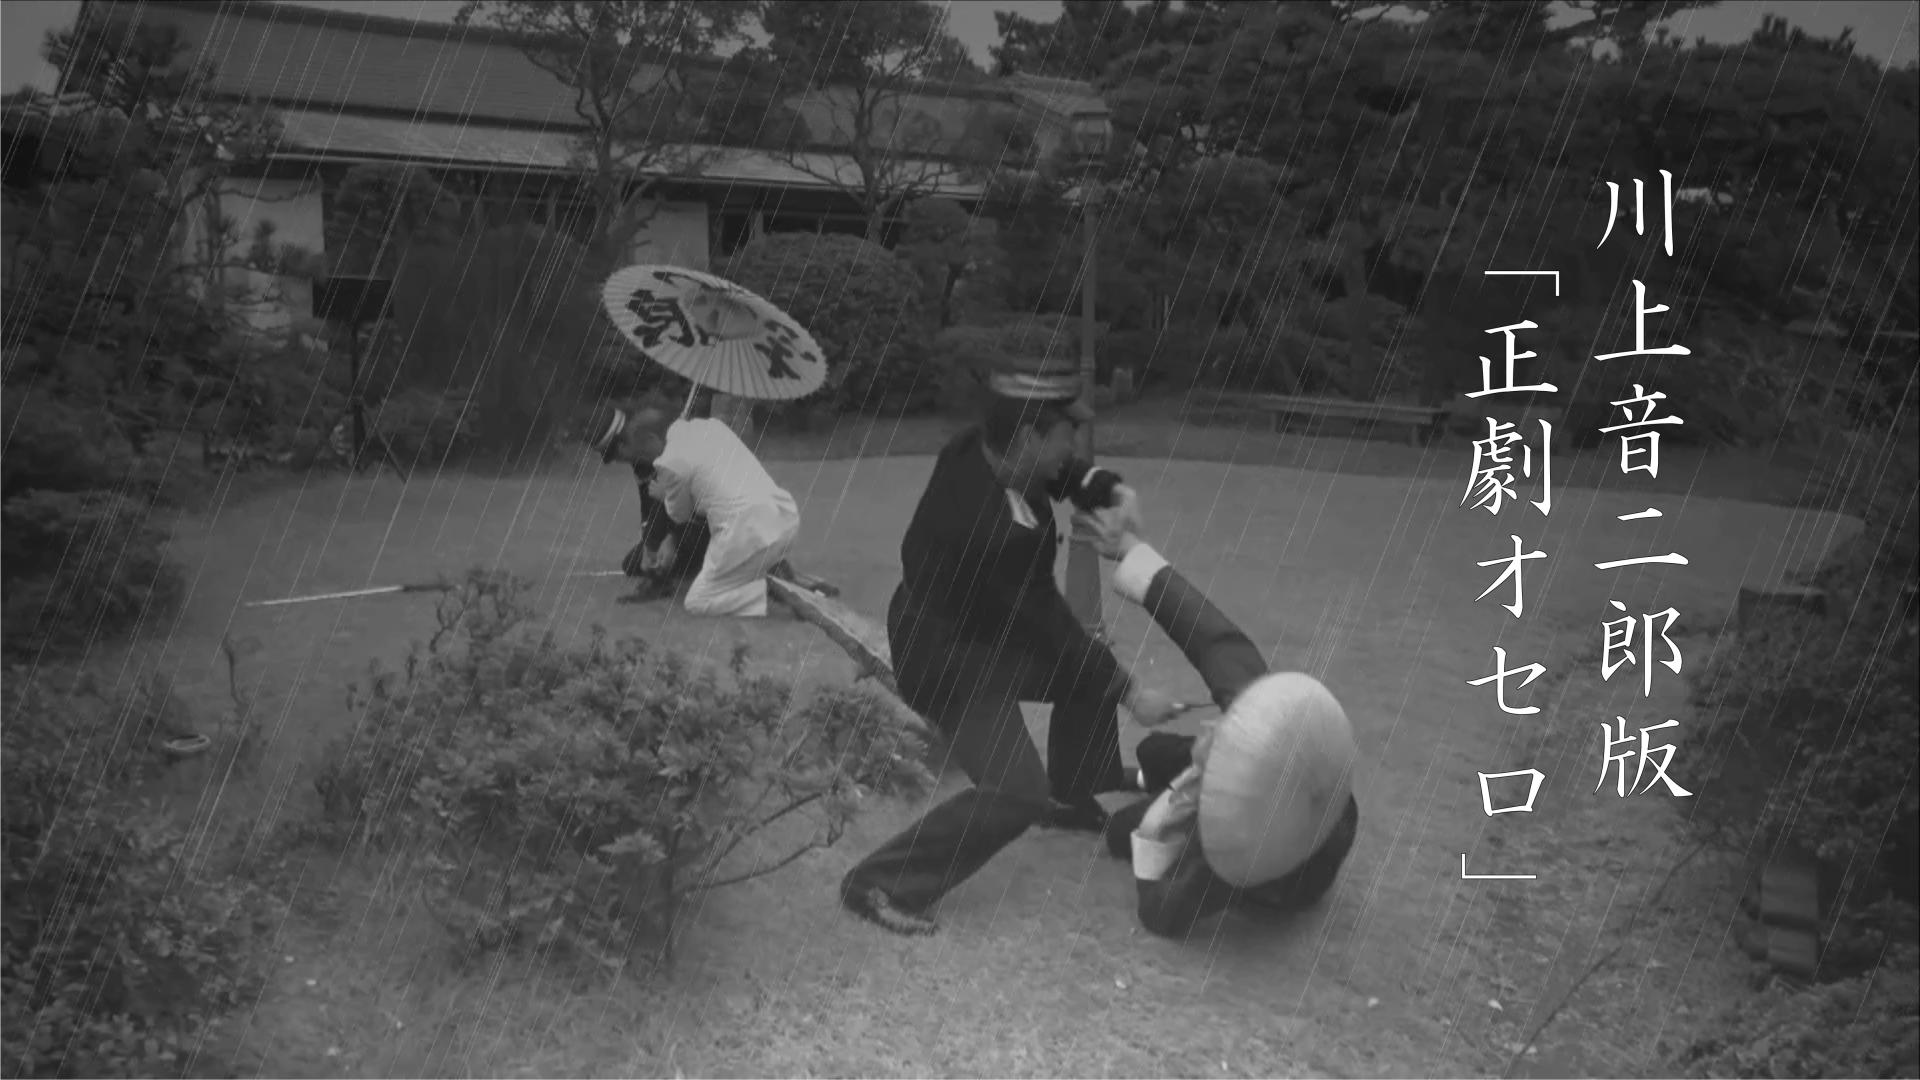 川上音二郎版「正劇オセロ」